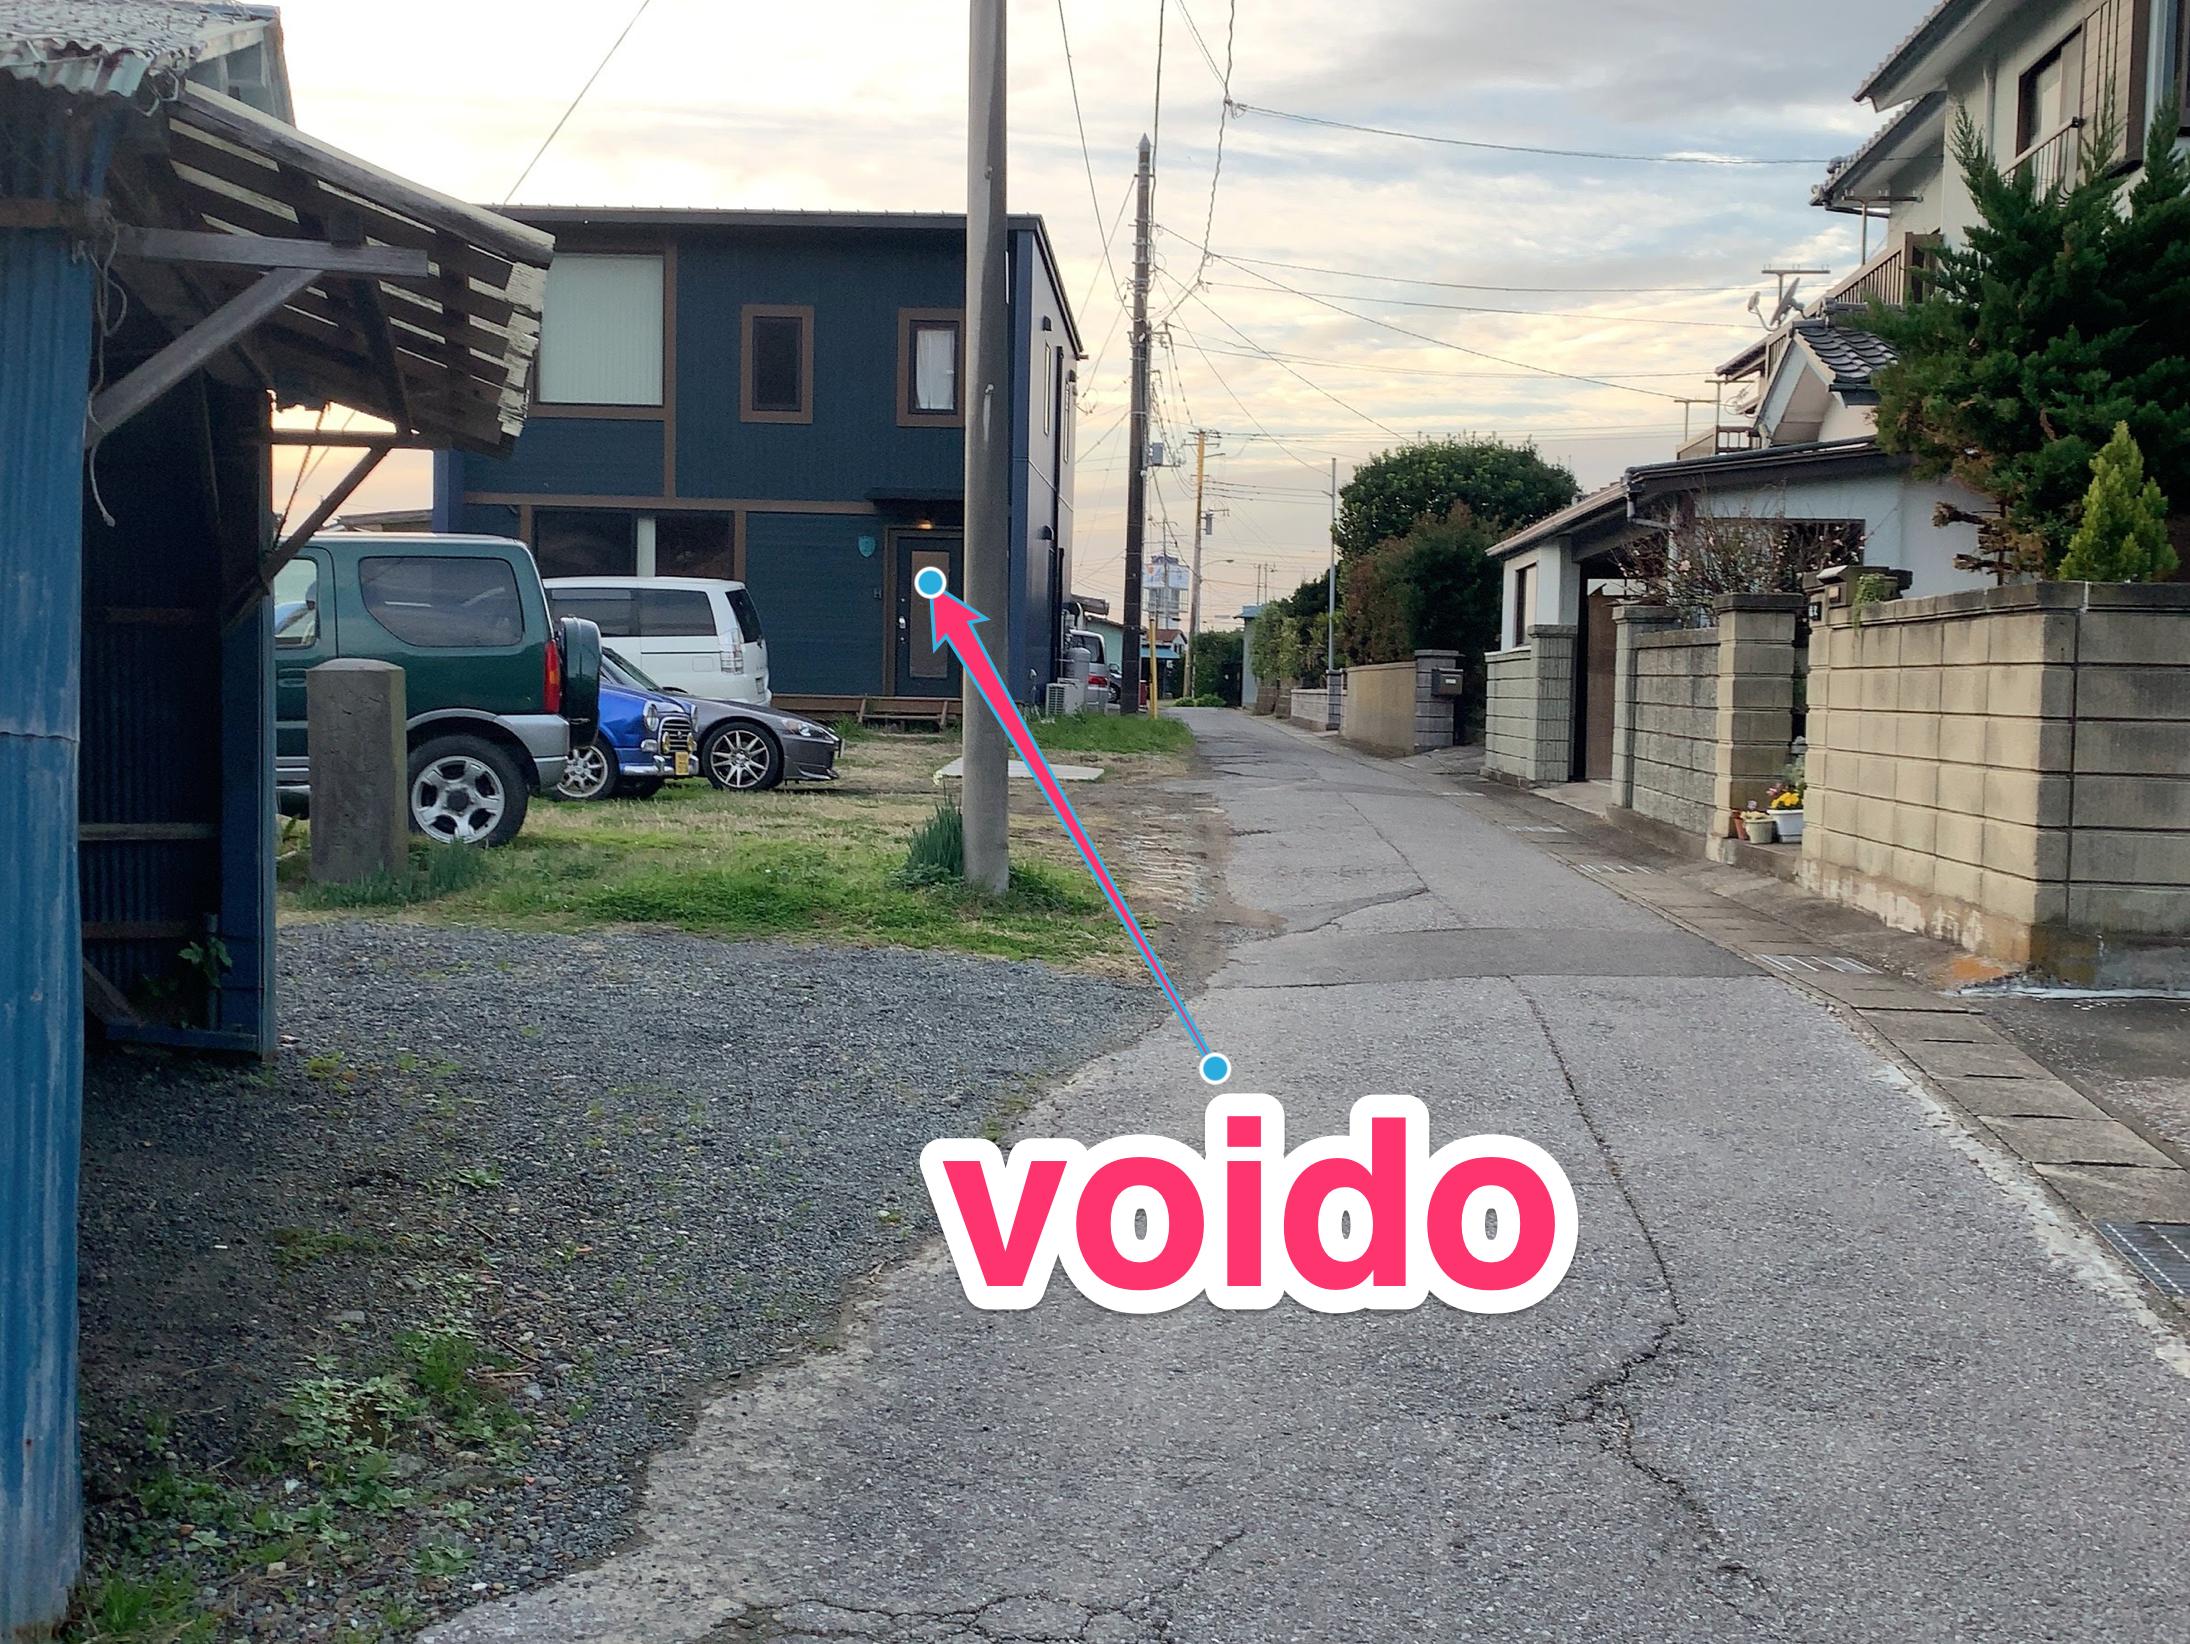 千葉県の金谷にある「voido(ボイド)」に泊まってみたので5秒でルームツアー(部屋紹介)する